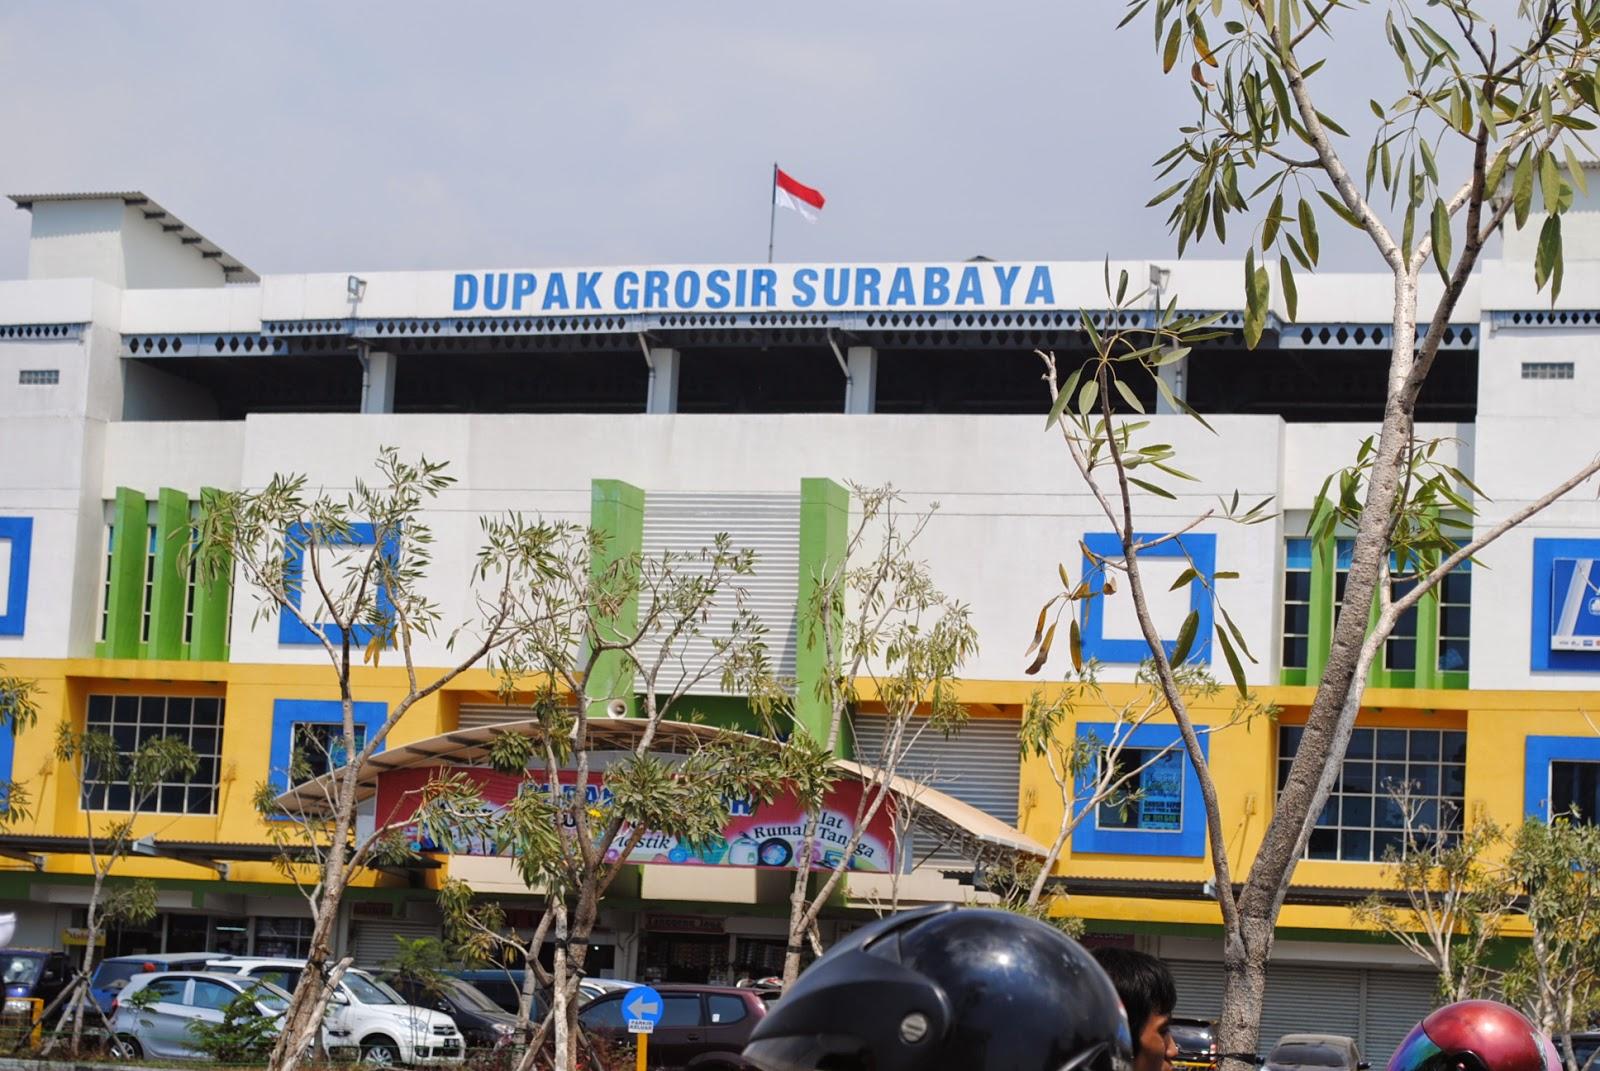 Pasar Grosir Surabaya PGS Dupak Online